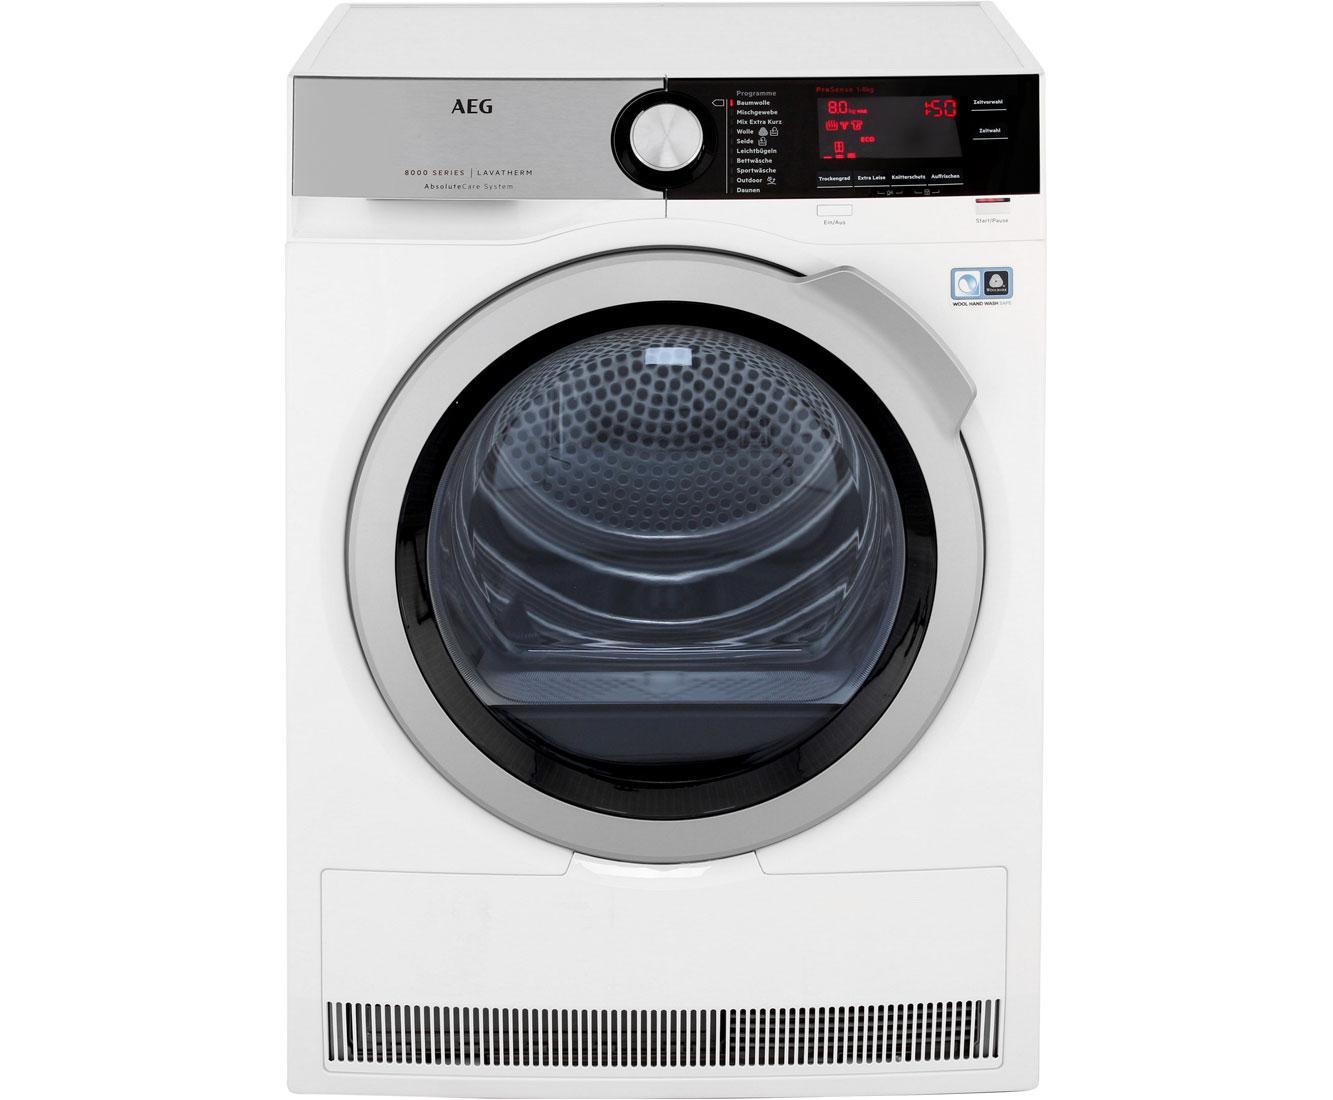 AEG Lavatherm T8DE86685 Wärmepumpentrockner - Weiß   Bad > Waschmaschinen und Trockner   Weiß   AEG